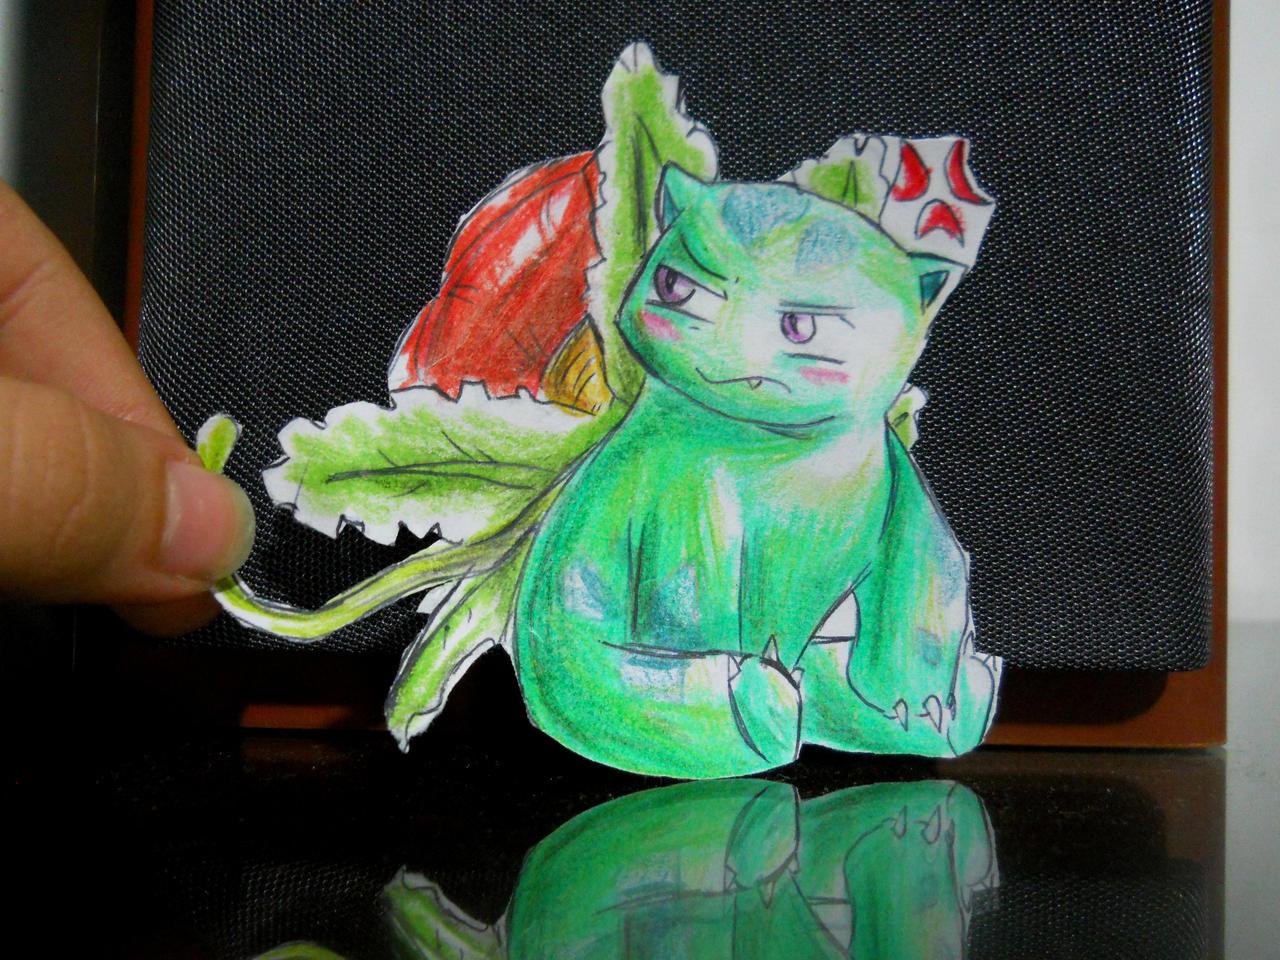 Paperchild 41. Pokemon 3 - Venusaur by FuriarossaAndMimma